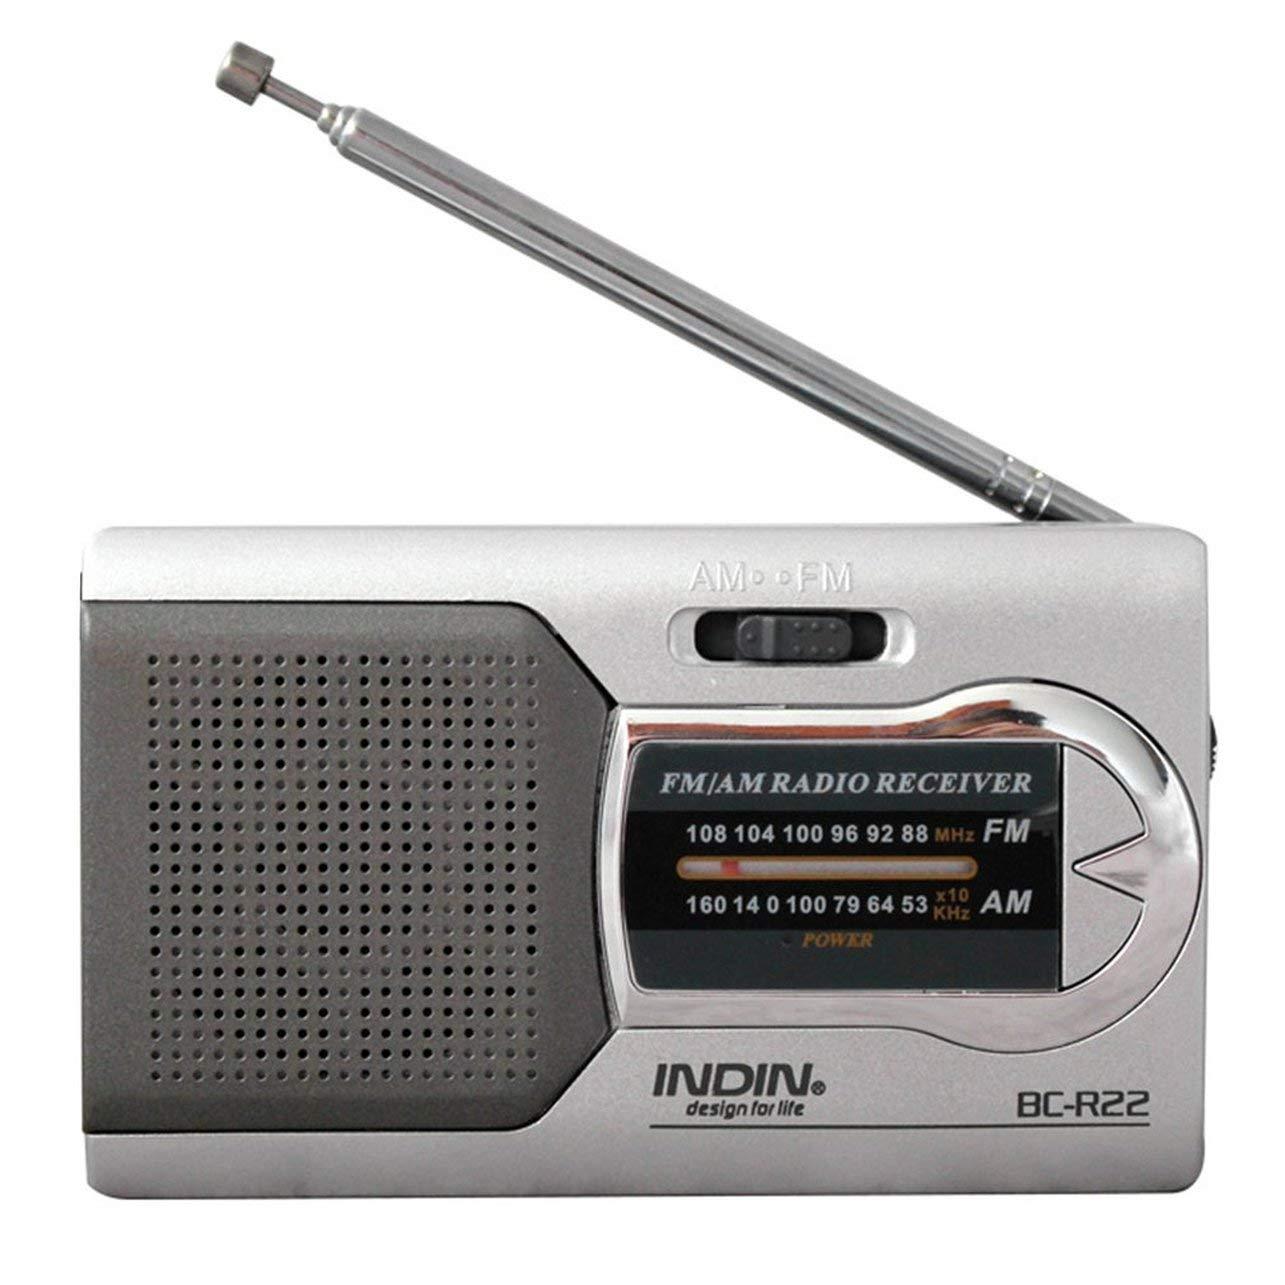 CY Universal Silver Slim AM/FM Mini Radio Esté reo Receptor de altavoces de mú sica (Color: color plateado) WOSOSYEYO